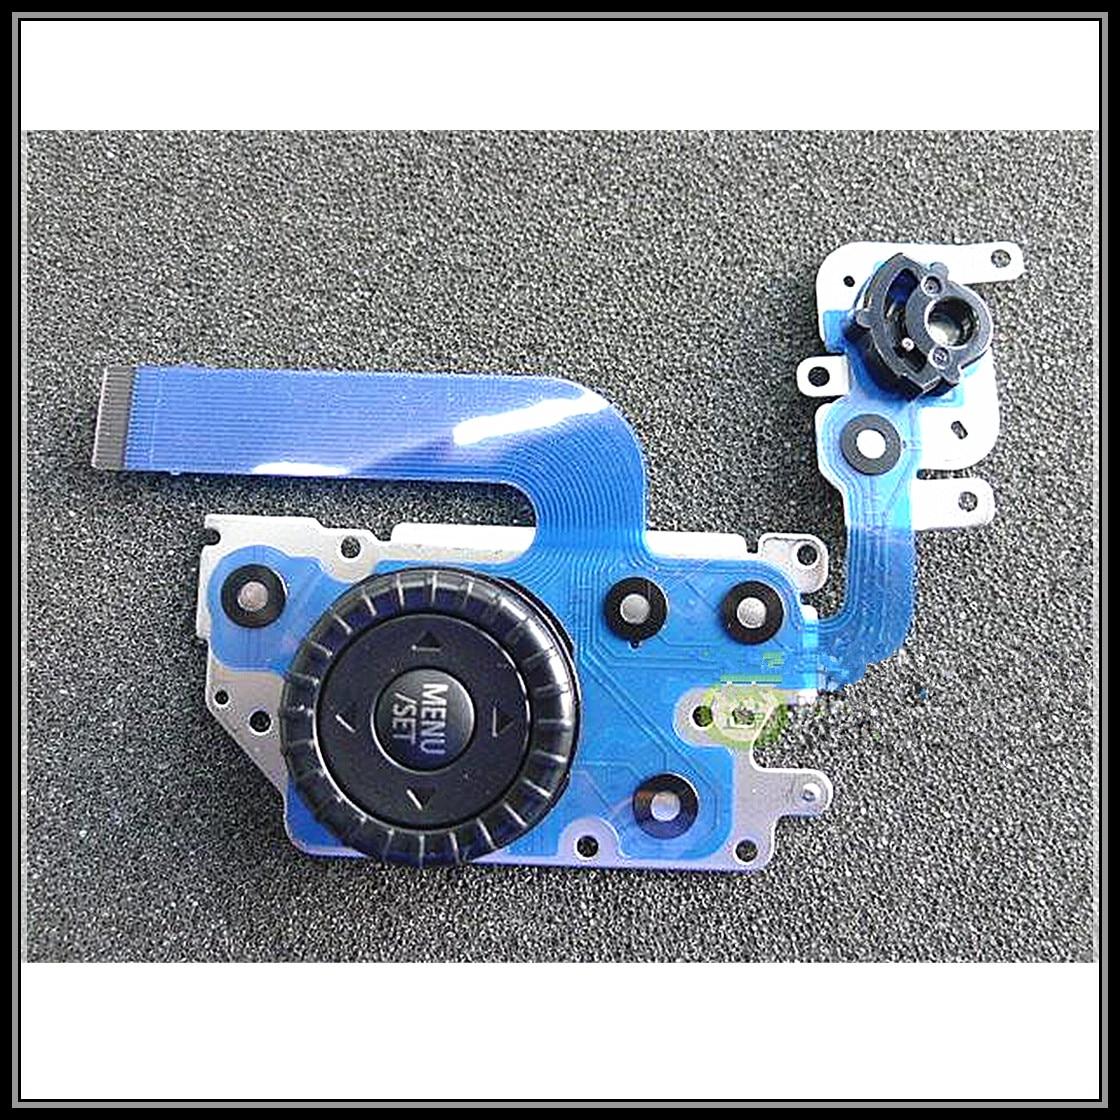 جديد الأصلي Gh4 غطاء ألواح المفاتيح وضع الاتصال الهاتفي للكاميرا باناسونيك Dmc-gh4